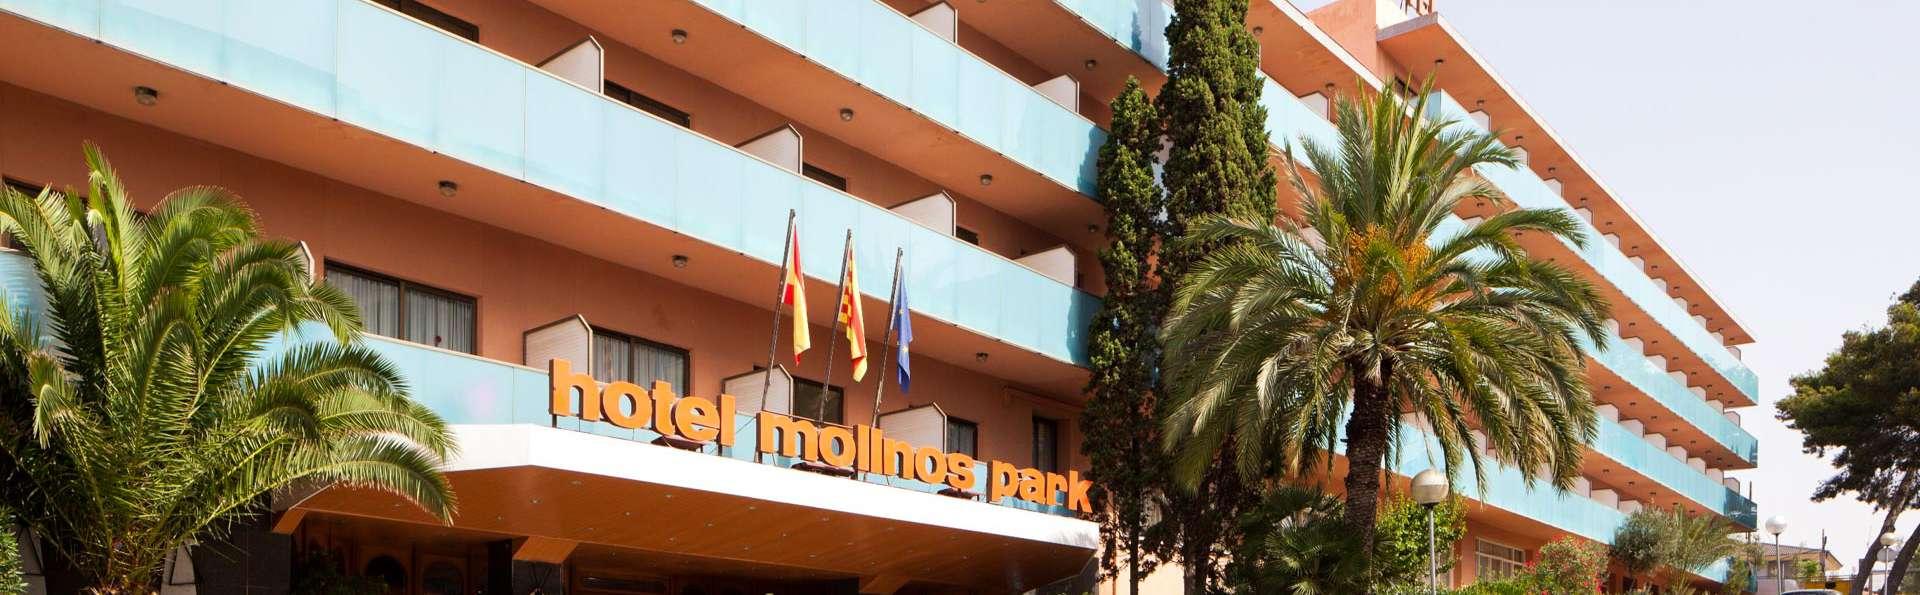 H Top Molinos Park - EDIT_FRONT_02.jpg